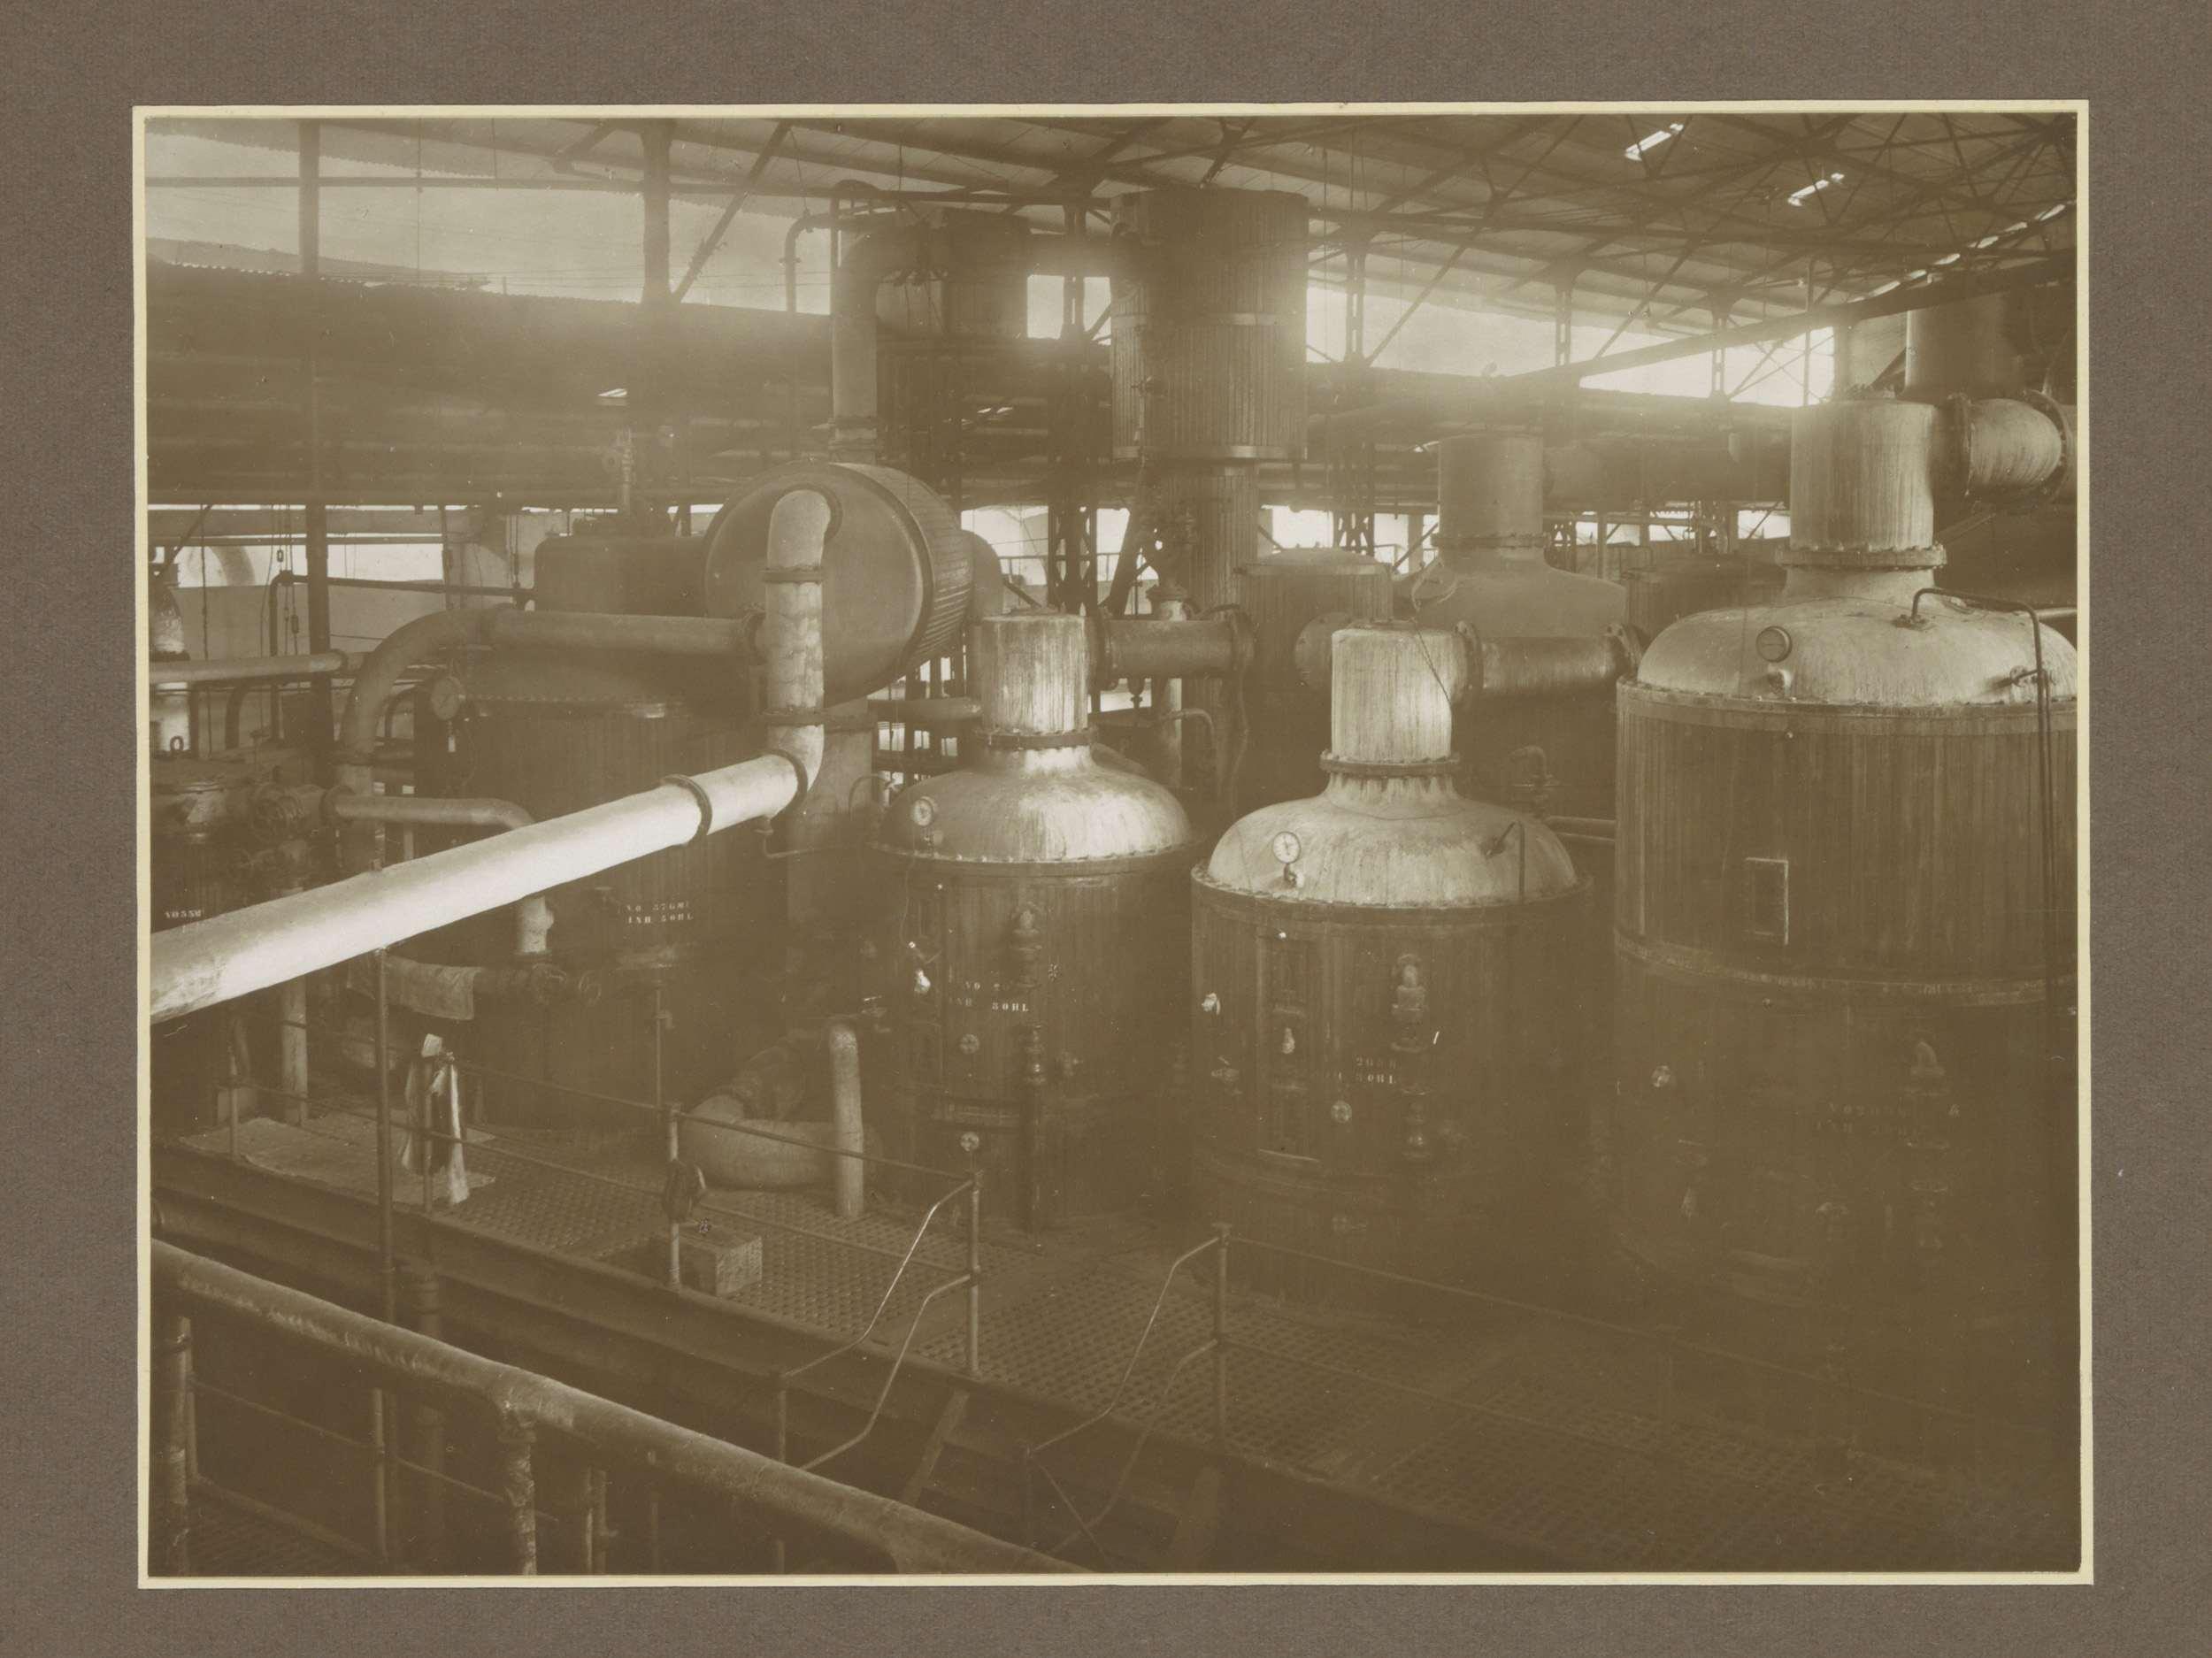 Luchtaanzicht van suikerfabriek Ngandjoek op Java